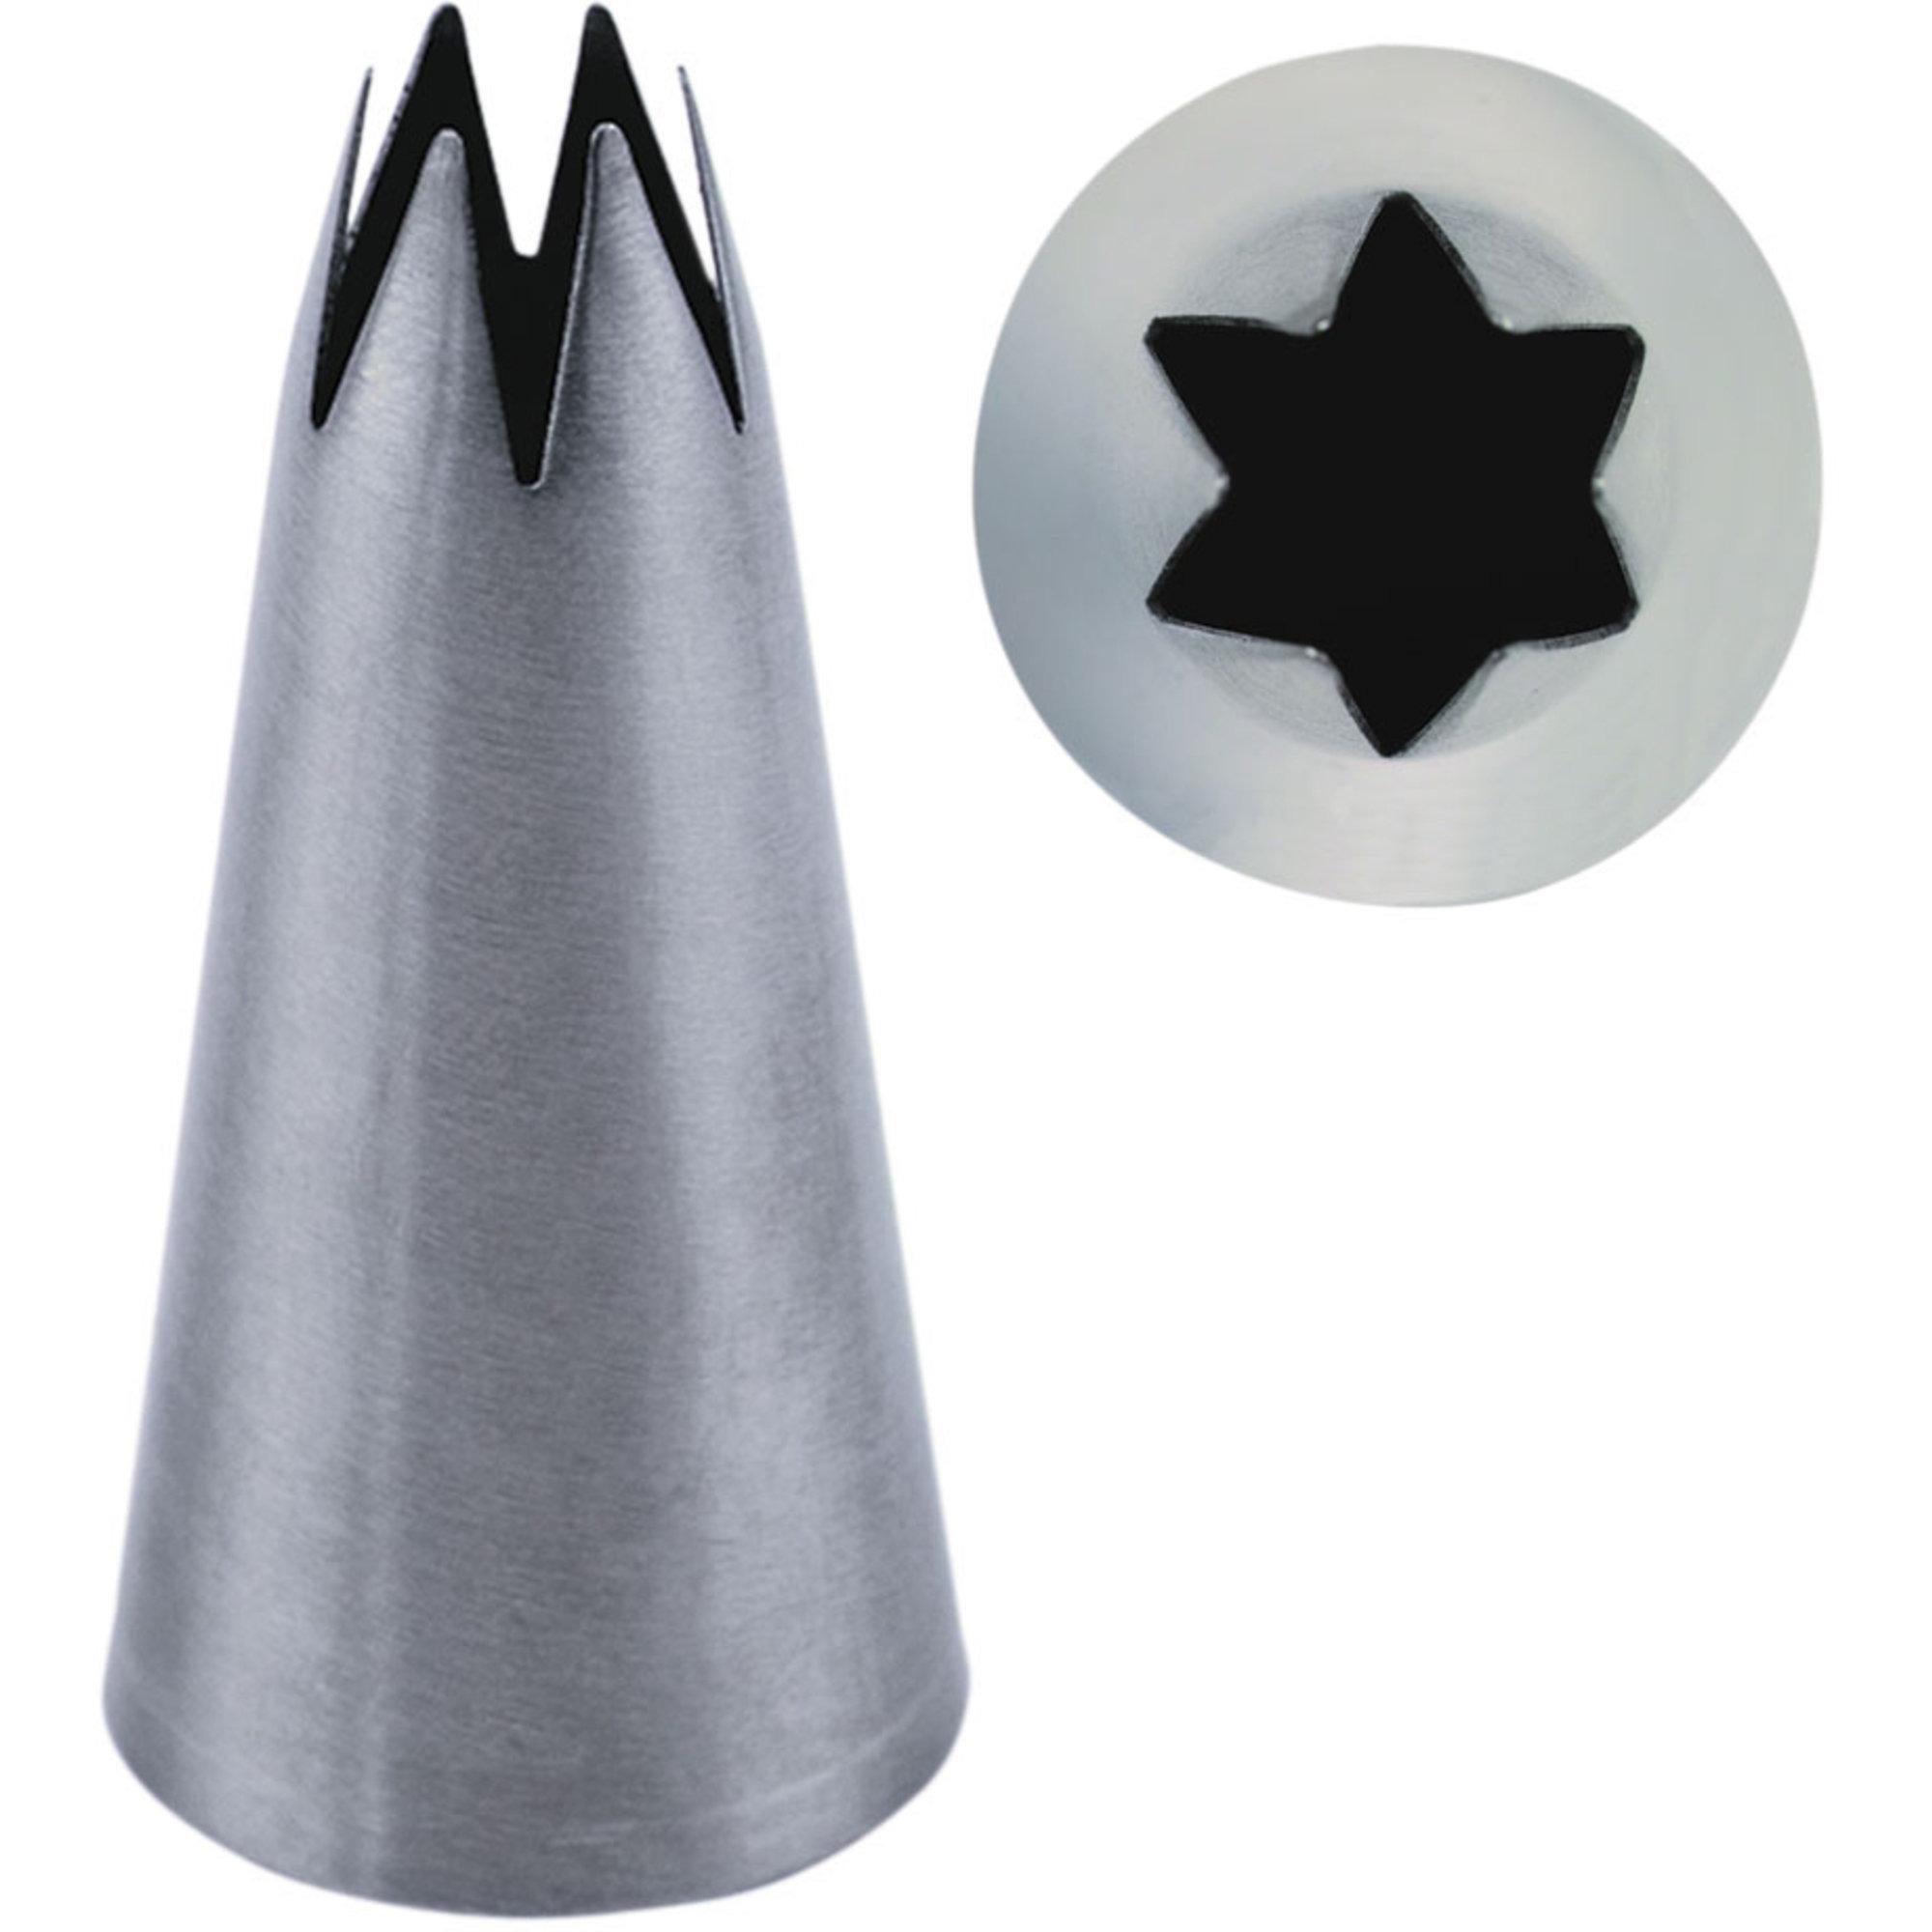 Städter Spritstyll Stjärna Stor 14 mm